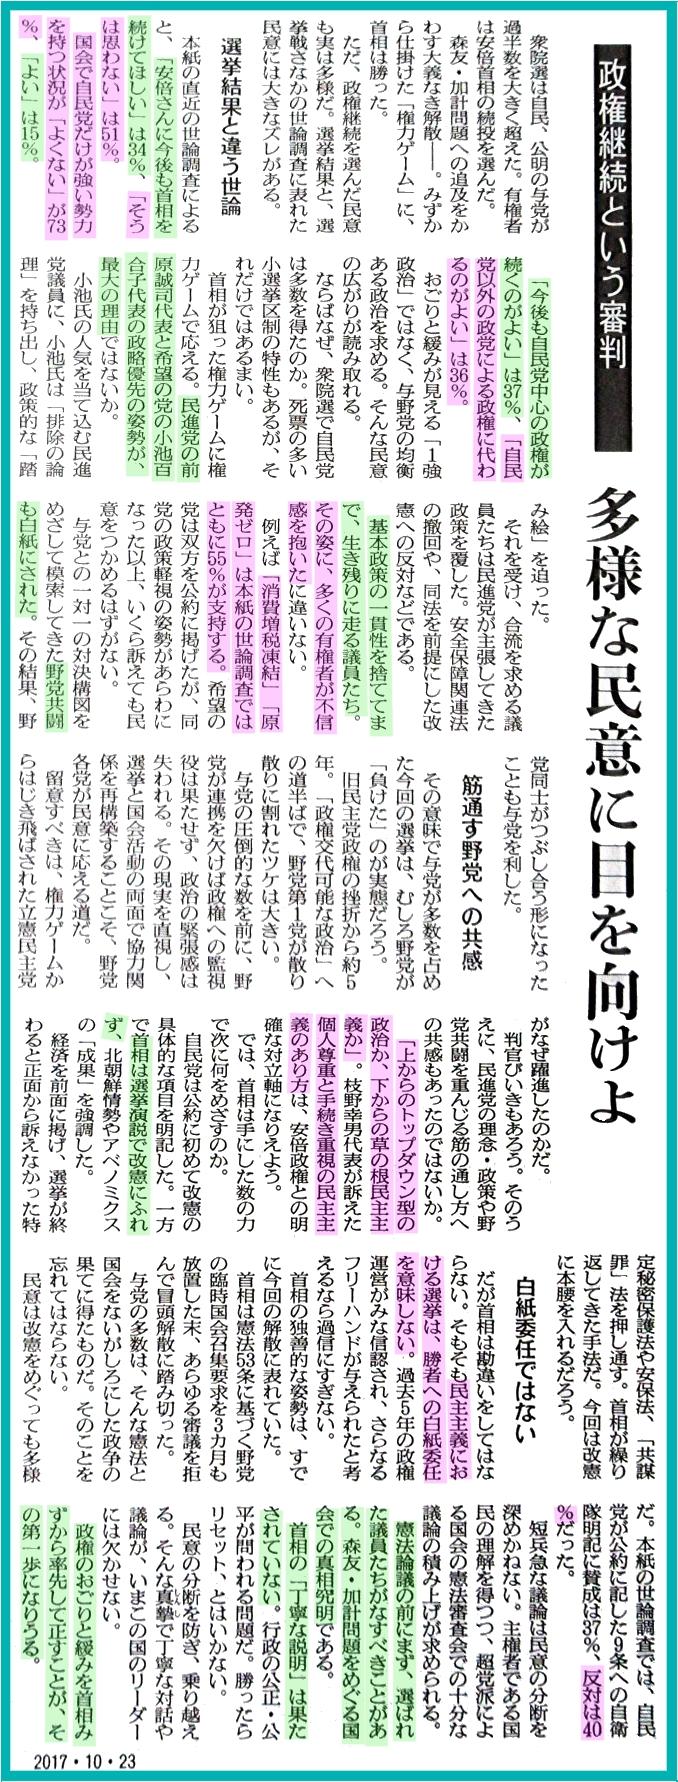 画像7(朝日新聞「社説」)